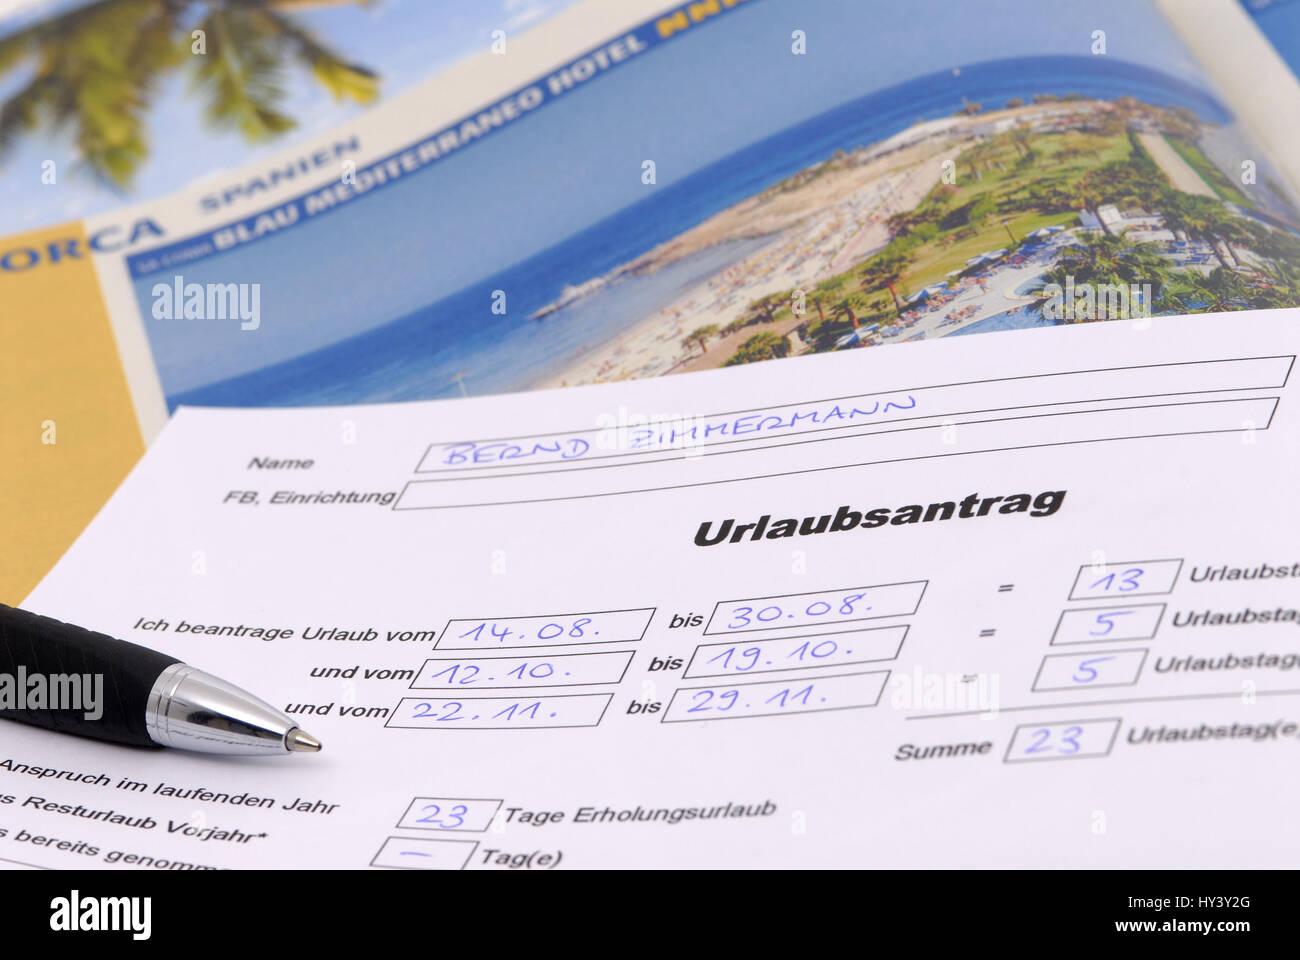 Urlaub, Feiertage, Anwendung, Anwendungen, Mitarbeiter, Urlaub ...